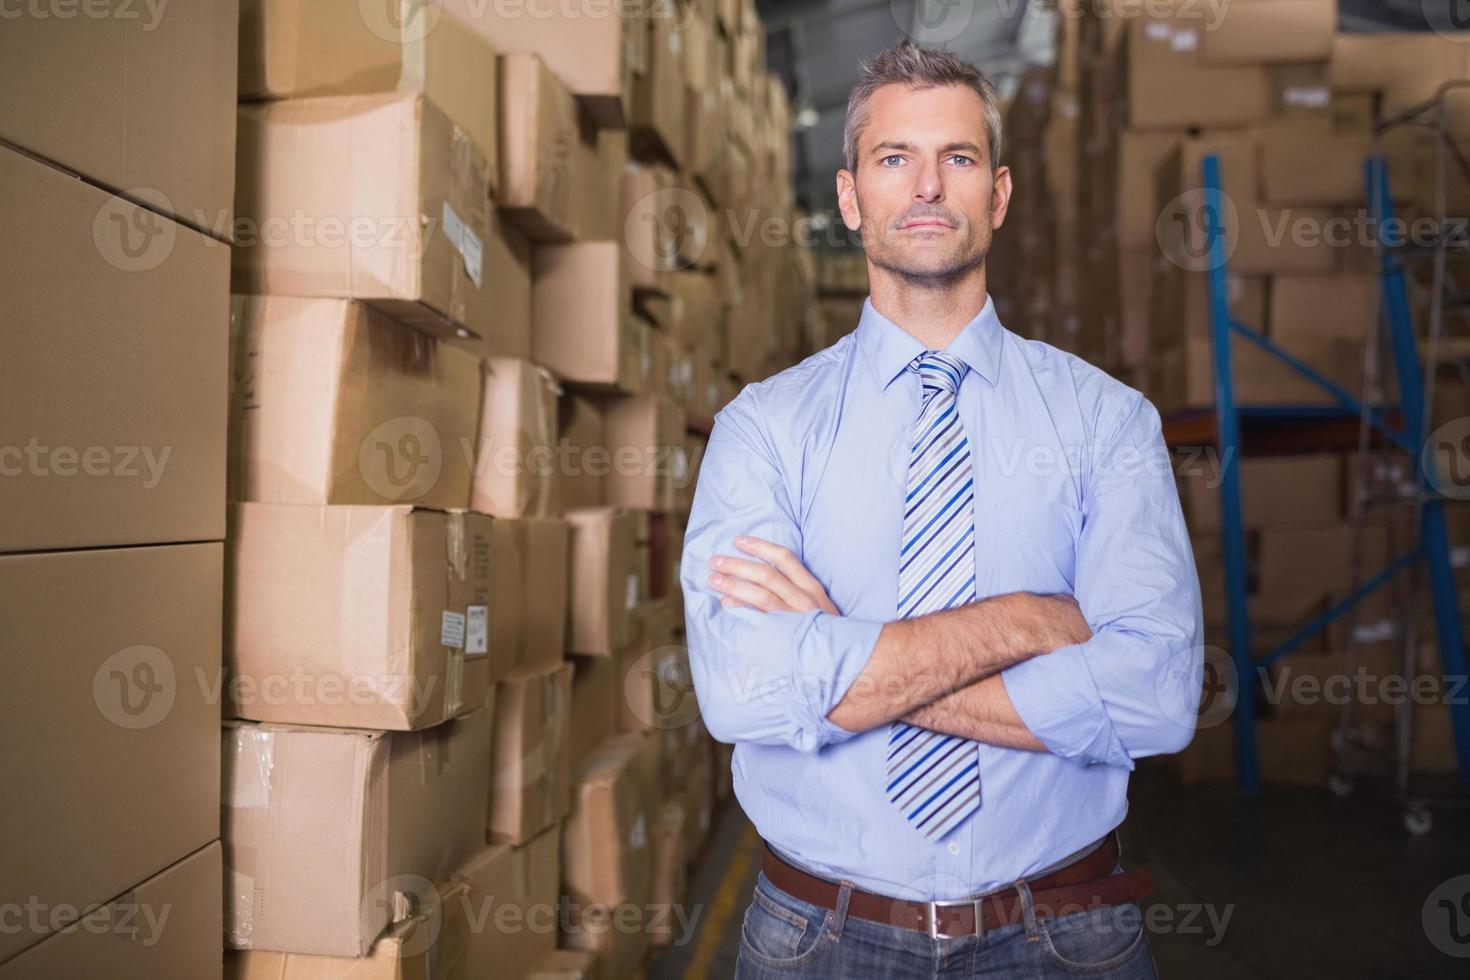 serieuze manager met gekruiste armen in magazijn foto